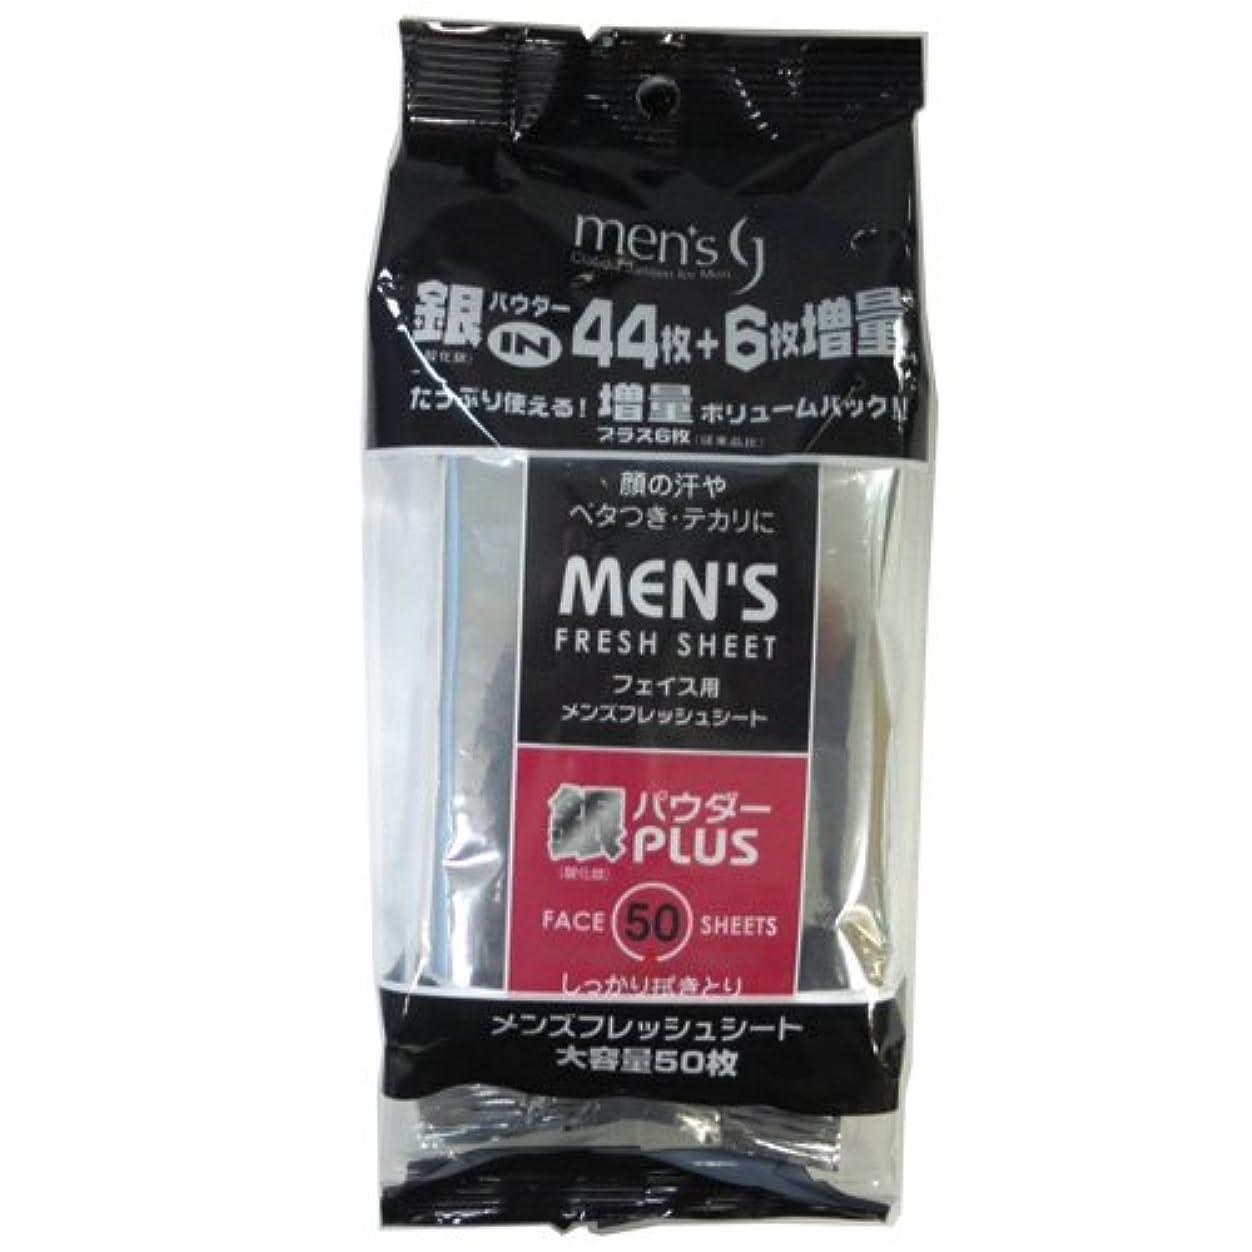 ためにひどく悪性のメンズフレッシュシート 大容量50枚銀パウダーIN44枚+6枚増量顔や汗やベタつき?テカリに制汗対策フェイシャルペーパー for Men